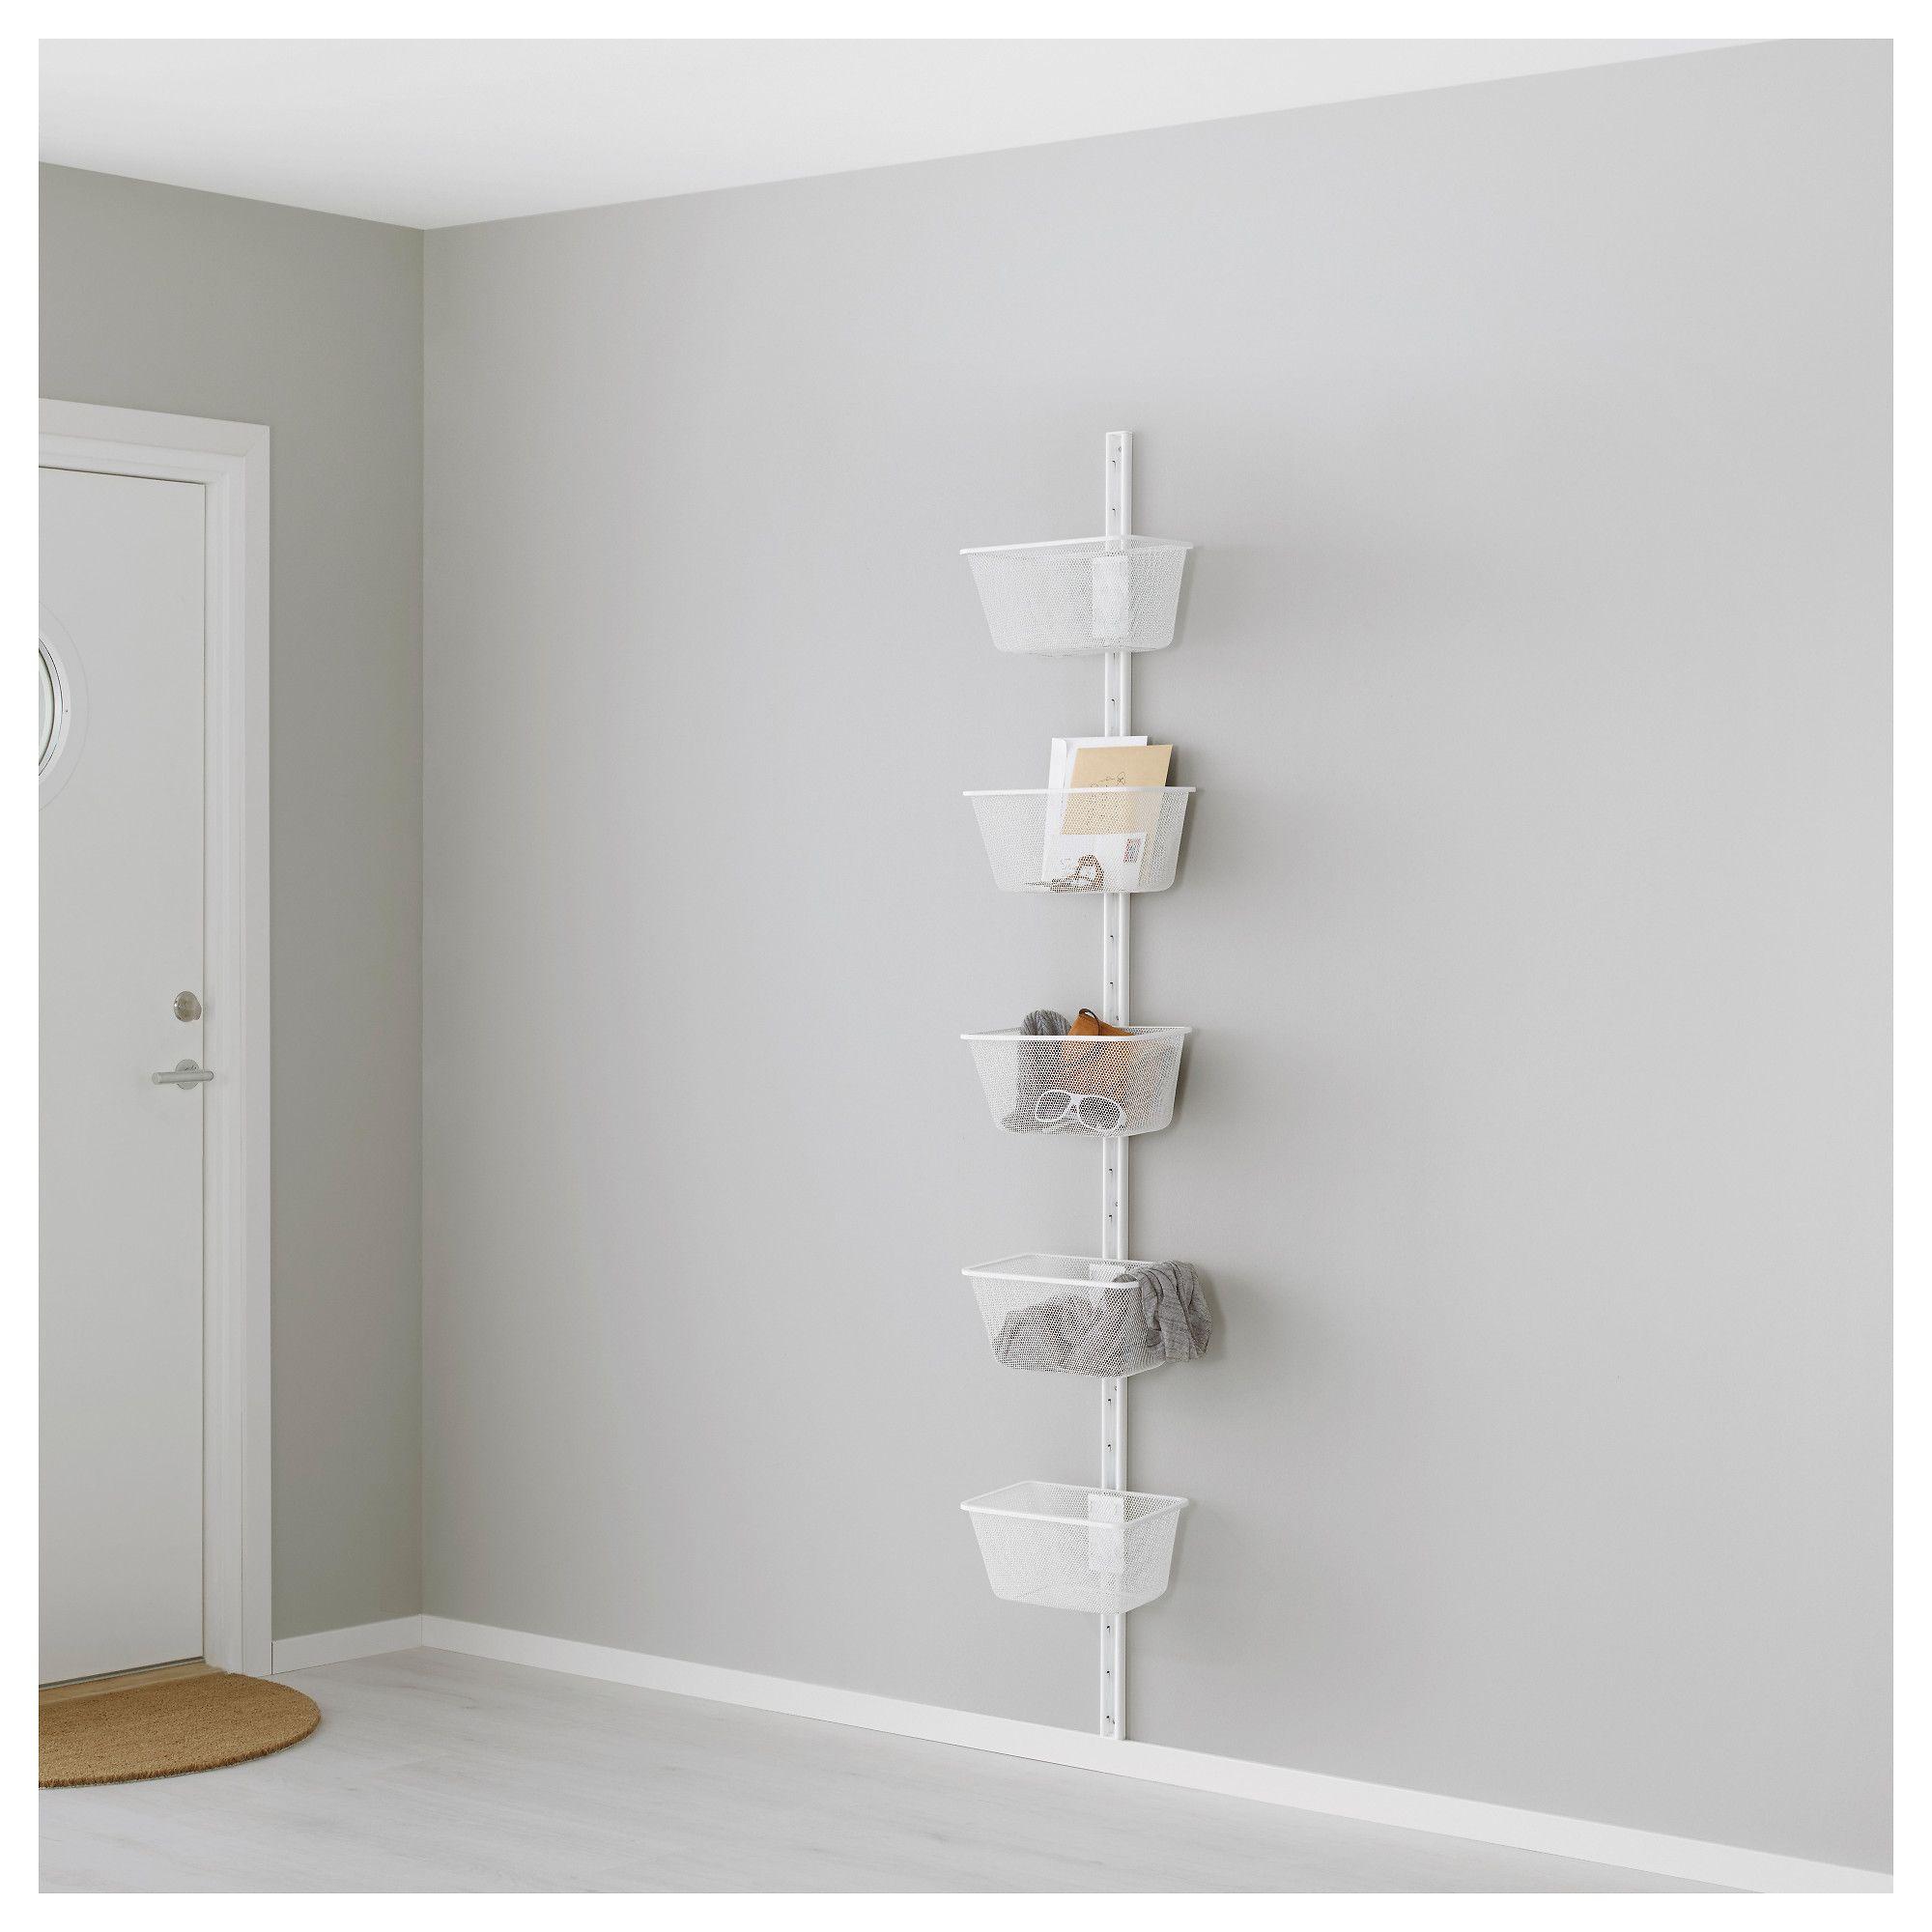 algot cr maill re corbeille blanc plantes pinterest maison salle et salle de bain. Black Bedroom Furniture Sets. Home Design Ideas